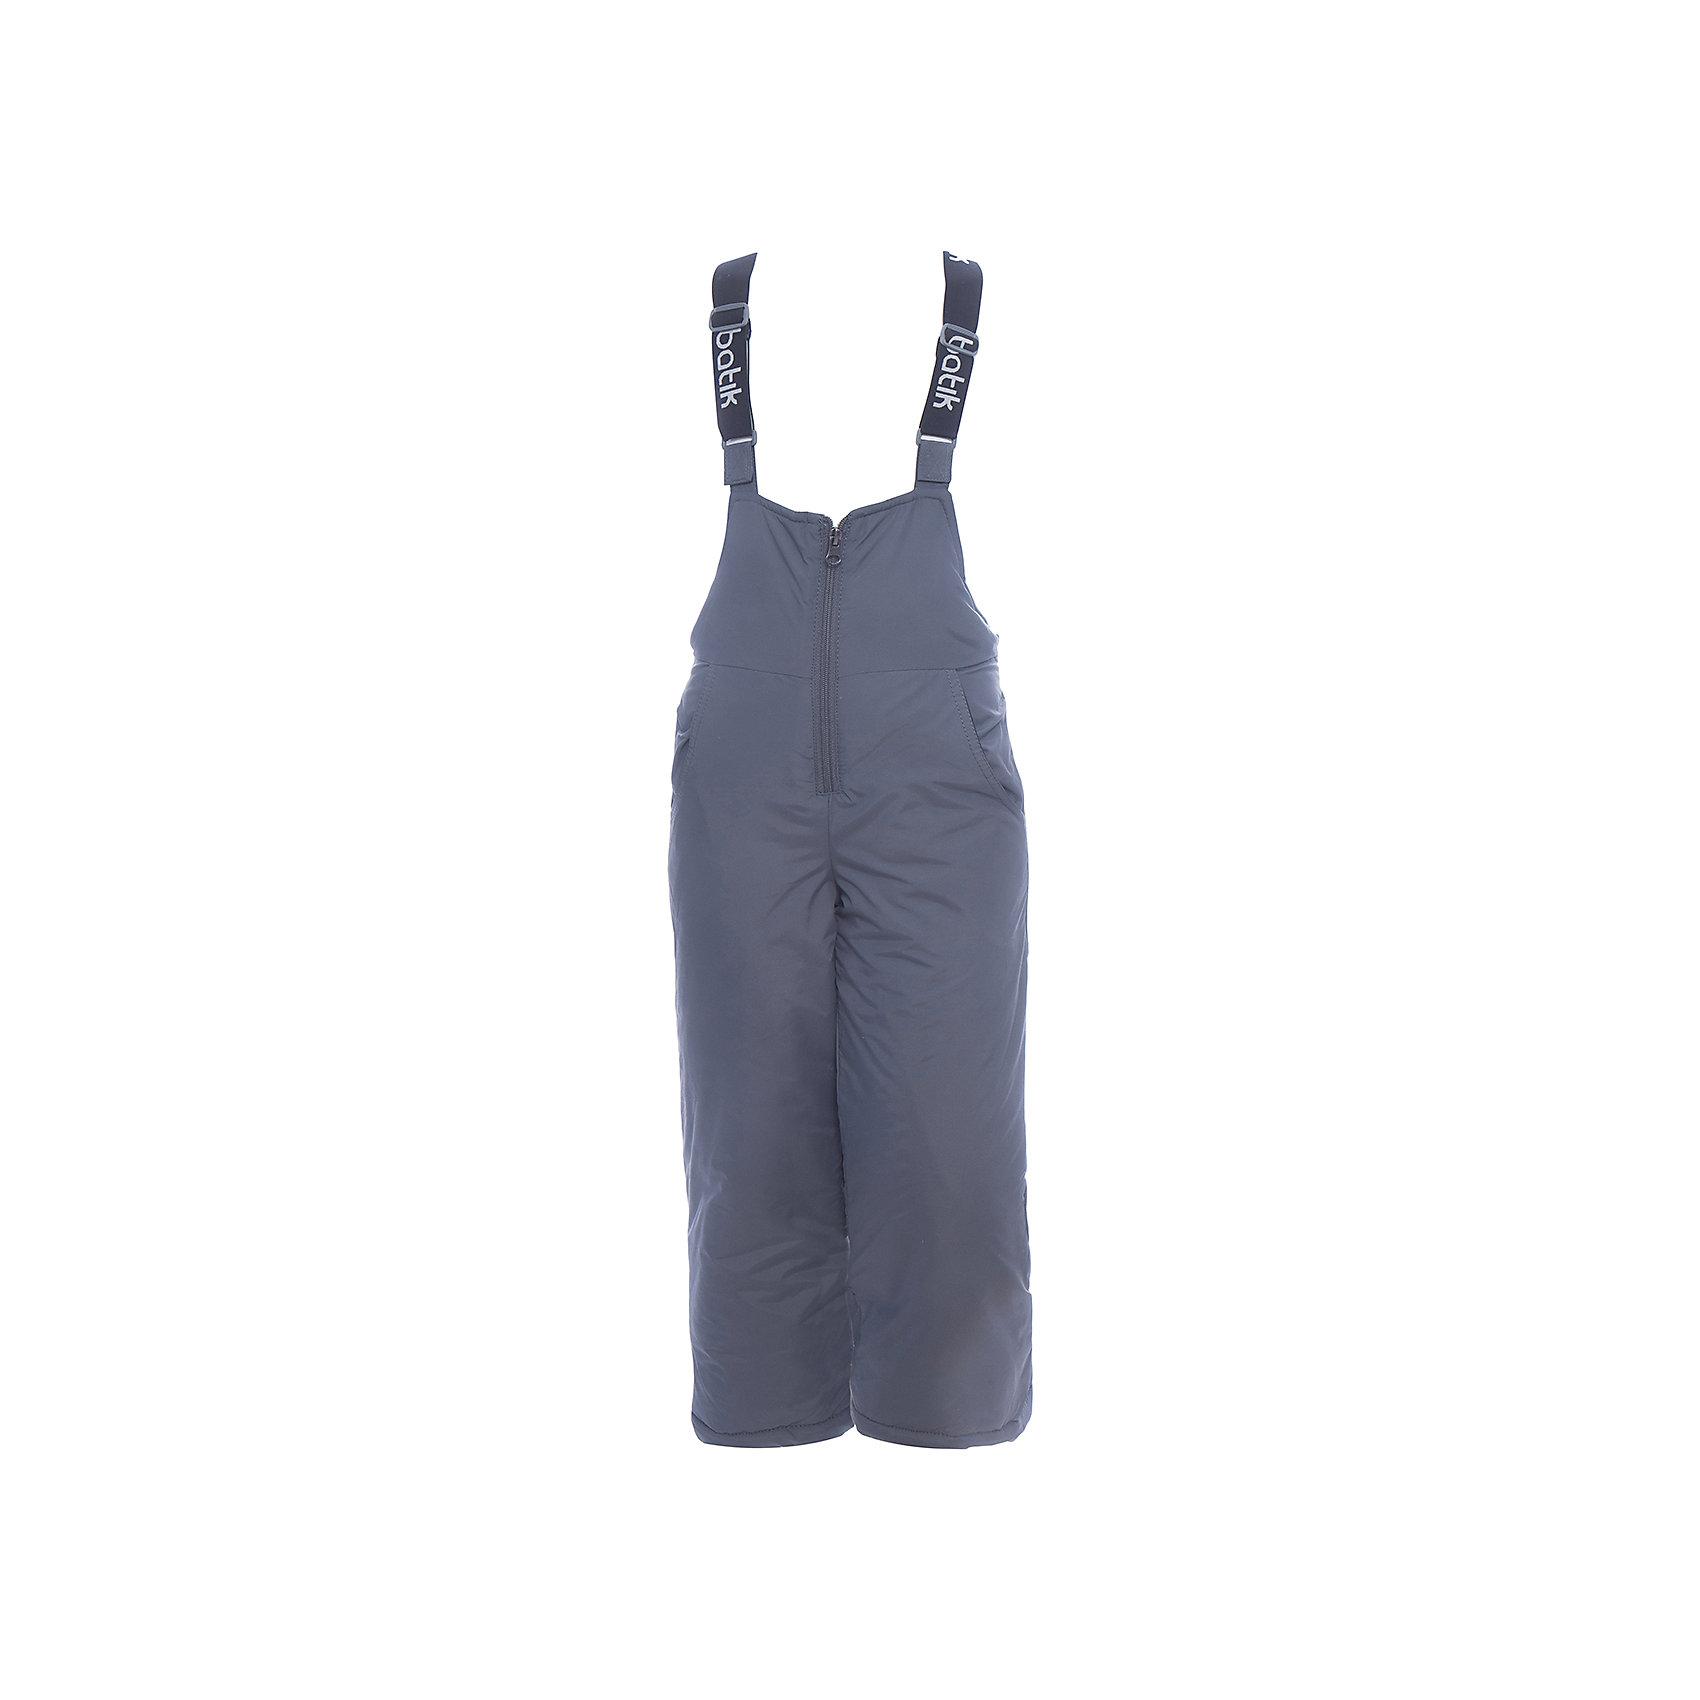 Полукомбинезон Вспышка Batik для мальчикаВерхняя одежда<br>Характеристики товара:<br><br>• цвет: графит<br>• состав ткани: таслан<br>• подкладка: полиэстер<br>• утеплитель: слайтекс<br>• сезон: зима<br>• мембранное покрытие<br>• температурный режим: от -35 до 0<br>• водонепроницаемость: 5000 мм <br>• паропроницаемость: 5000 г/м2<br>• плотность утеплителя: 200 г/м2<br>• застежка: молния<br>• лямки регулируются<br>• страна бренда: Россия<br>• страна изготовитель: Россия<br><br>Детский полукомбинезон сделан легкого, качественного и теплого материала. Теплый полукомбинезон для ребенка отличается стильным дизайном, разработанным специально для детей. Этот детский полукомбинезон дополнен регулирующимися лямками. Зимний мембранный полукомбинезон для мальчика легко чистится и долго служит. <br><br>Полукомбинезон Вспышка Batik (Батик) для мальчика можно купить в нашем интернет-магазине.<br><br>Ширина мм: 215<br>Глубина мм: 88<br>Высота мм: 191<br>Вес г: 336<br>Цвет: серый<br>Возраст от месяцев: 108<br>Возраст до месяцев: 120<br>Пол: Мужской<br>Возраст: Детский<br>Размер: 140,98,104,110,116,122,128,134<br>SKU: 7028531